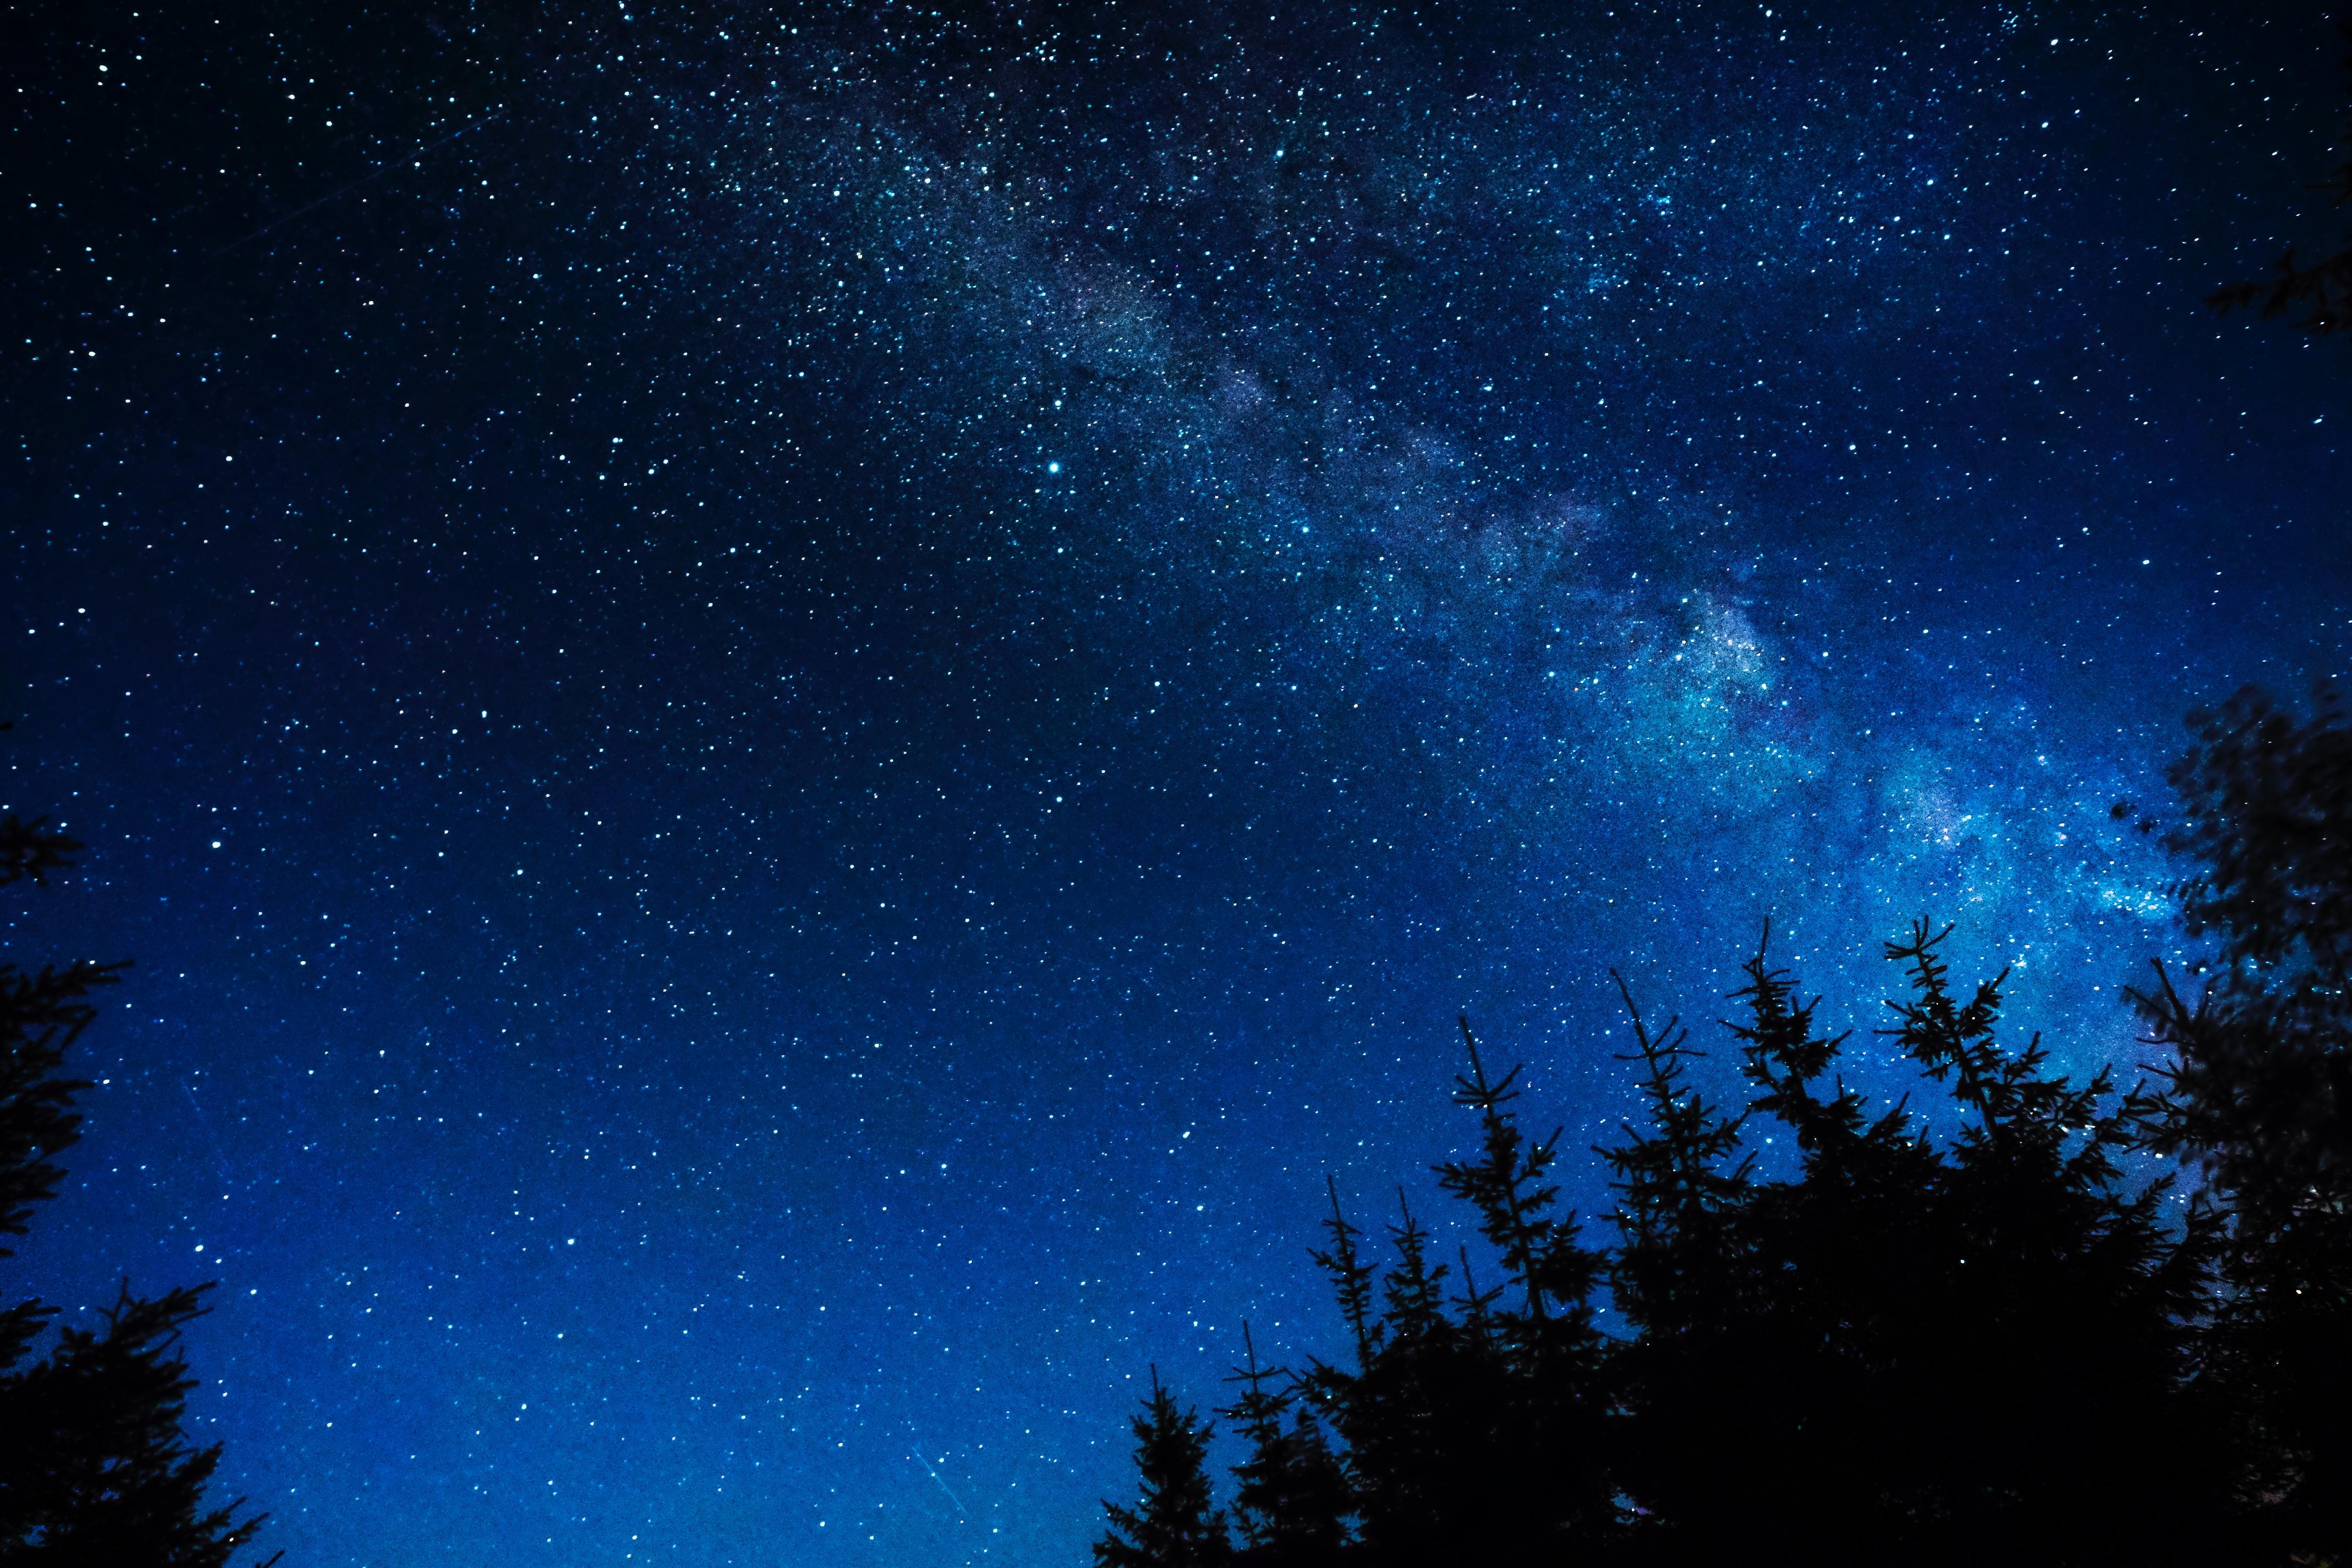 Cielo Stellato Sfondo.Sfondi Cielo Stellato Notte Stelle Luccichio Alberi